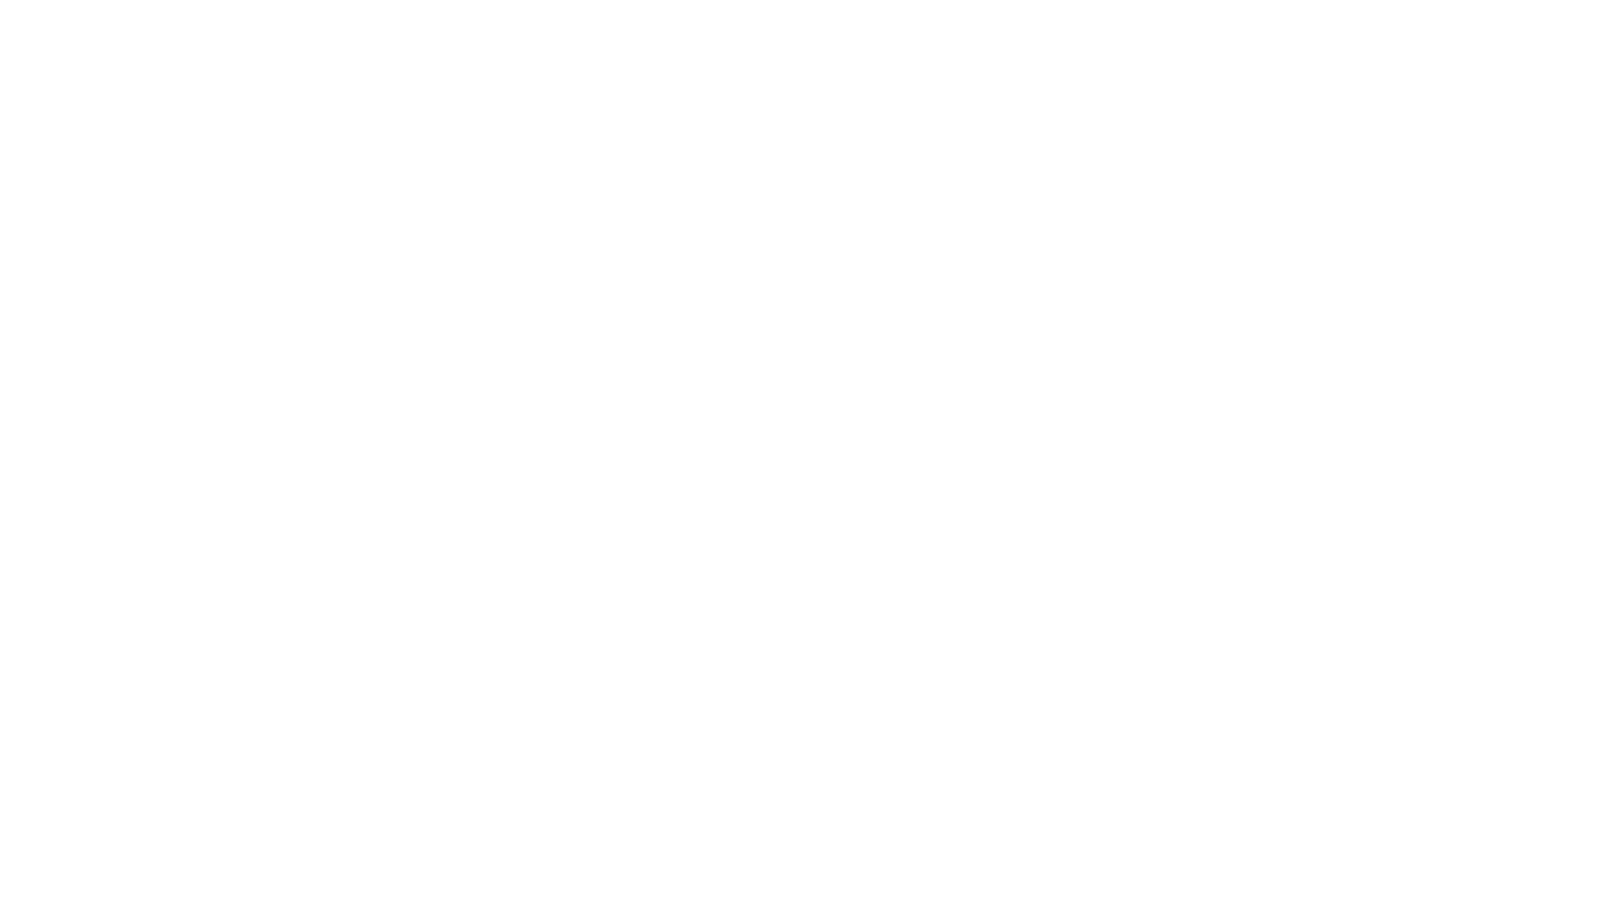 A Kibic Magazin videós sorozatában Borgula András ezúttal Raj Ráchelt, a Raj Ráchel Tortaszalon cukrászdák vezetőjét és Rosenstein Róbertet, a Rosenstein Vendéglő tulajdonosát kérdezte meg arról, hogyan sikerült átvészelniük a nehéz időszakot.